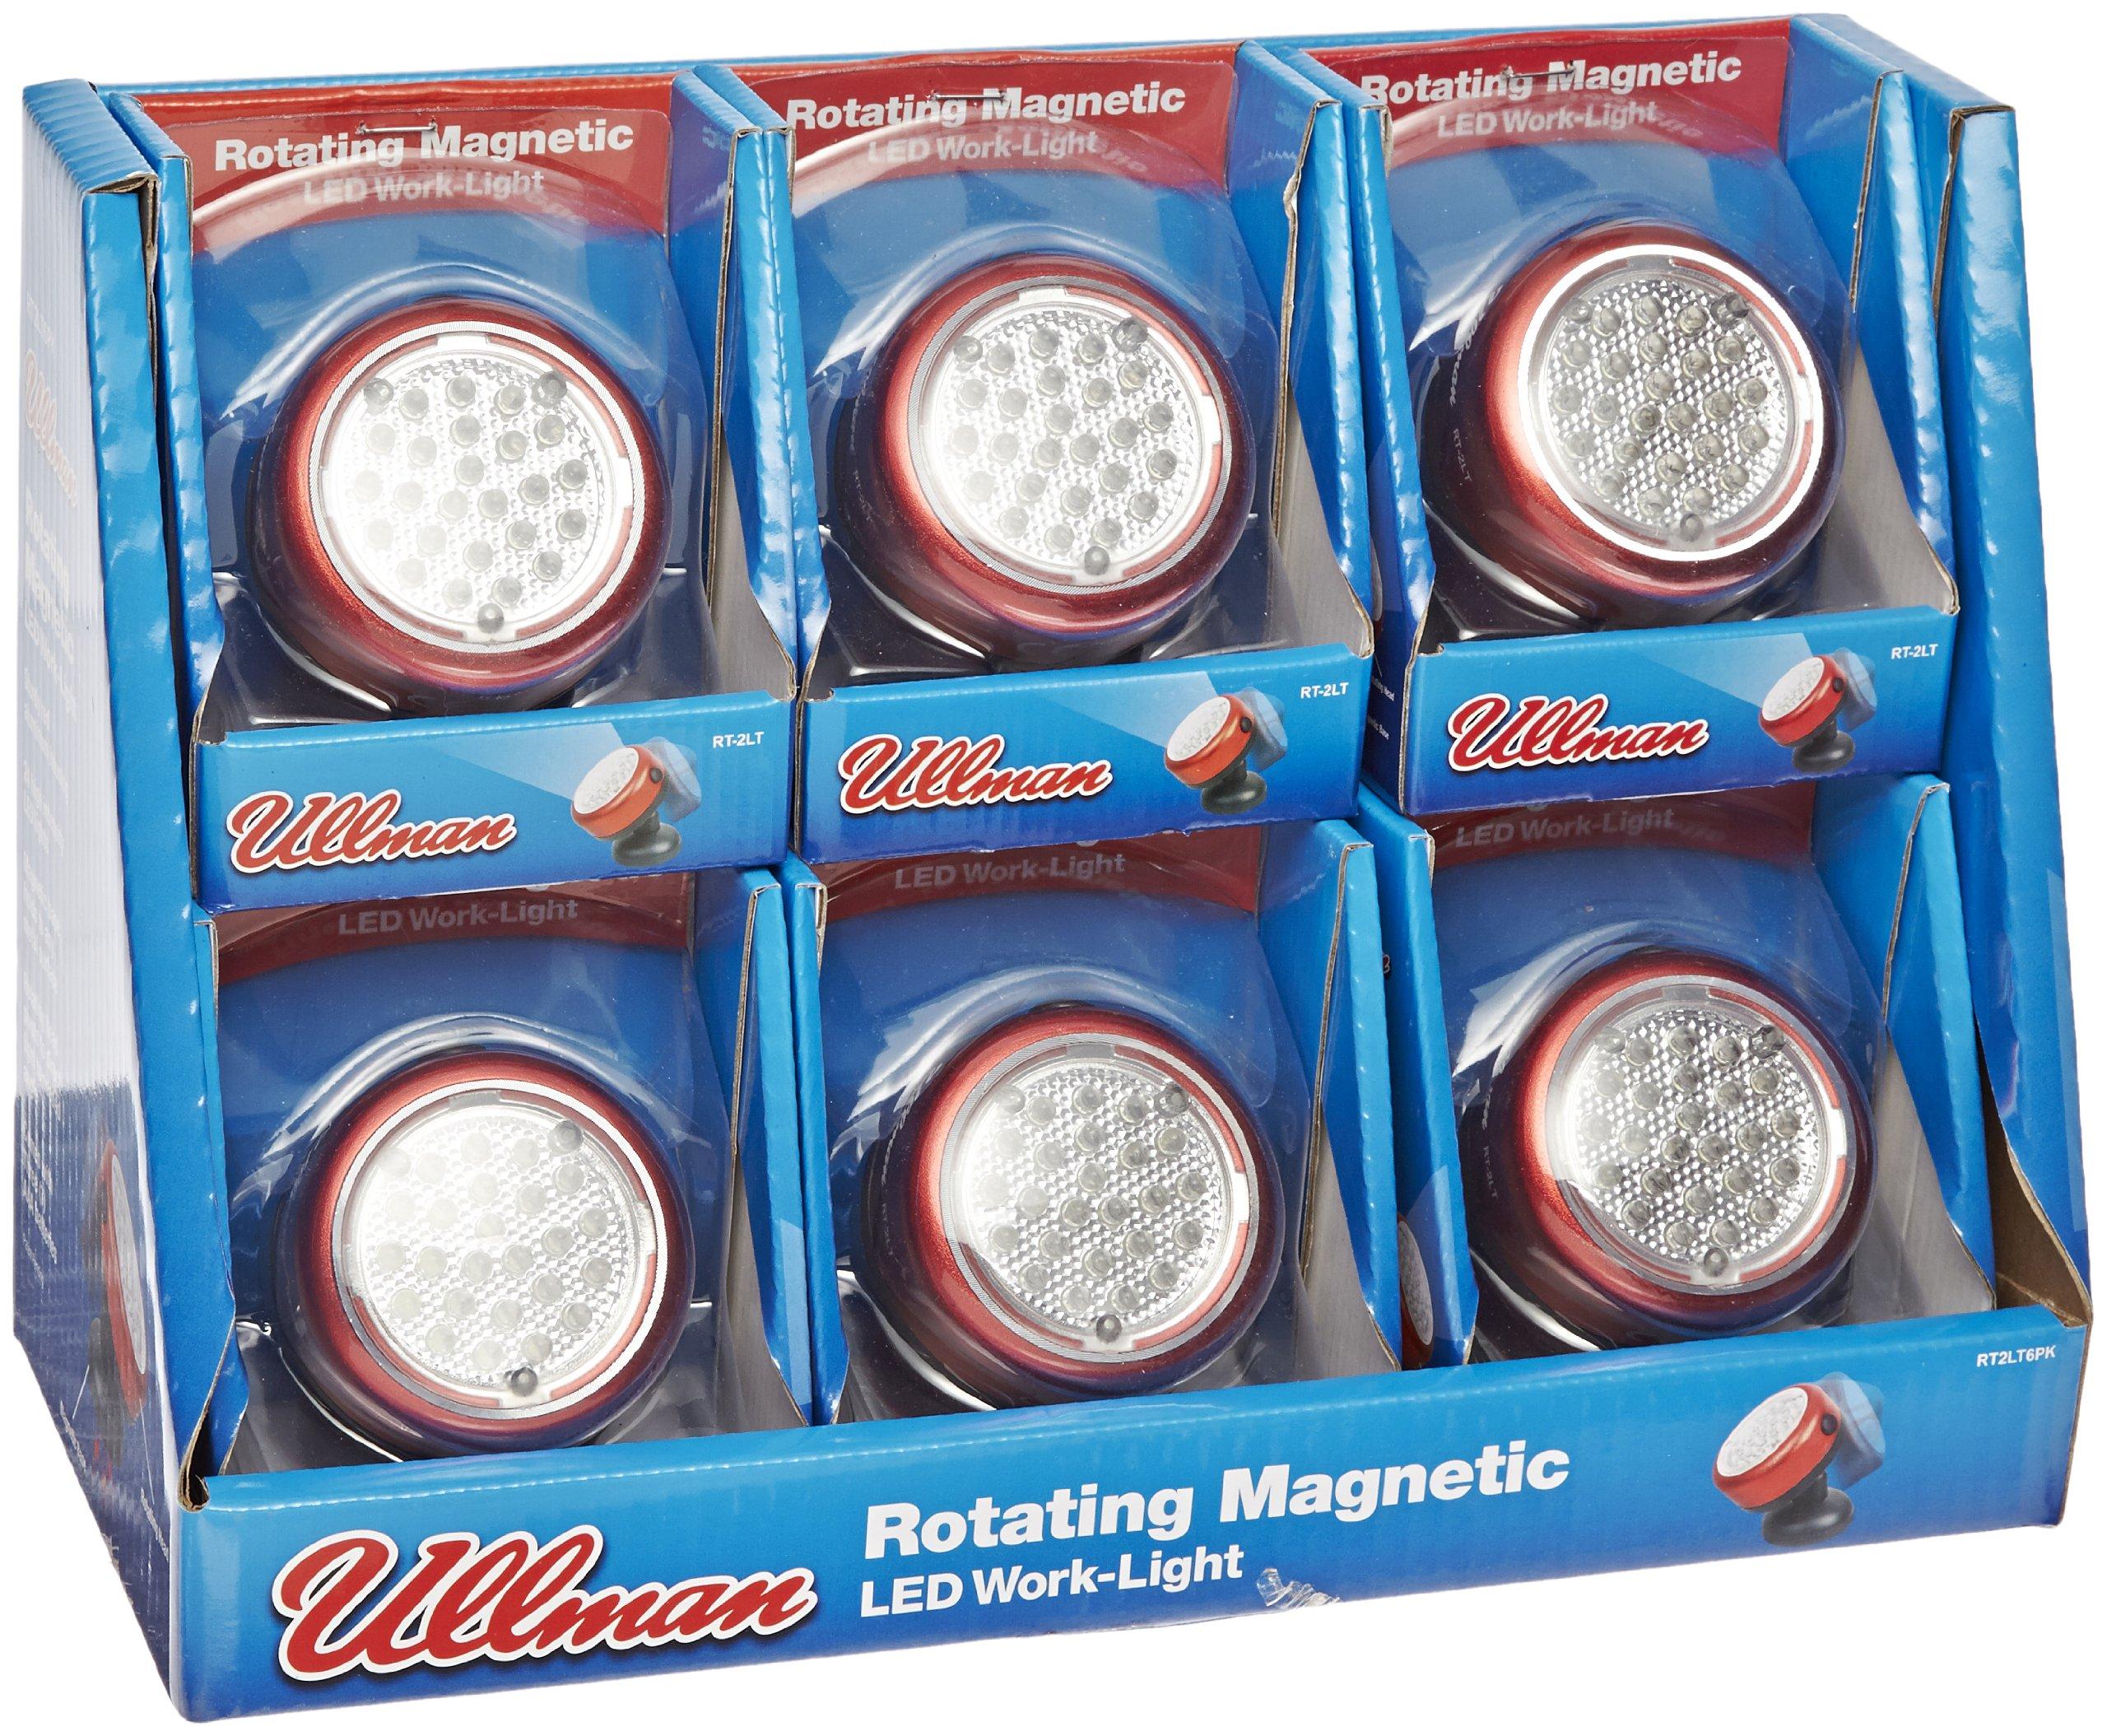 Ullman RT2LT6PK Aluminum Magnetic 24 LED Work Light - (Pack of 6) Rotating, Battery Operated 60 Lumens LED Work Light. Job Site Lighting by Ullman